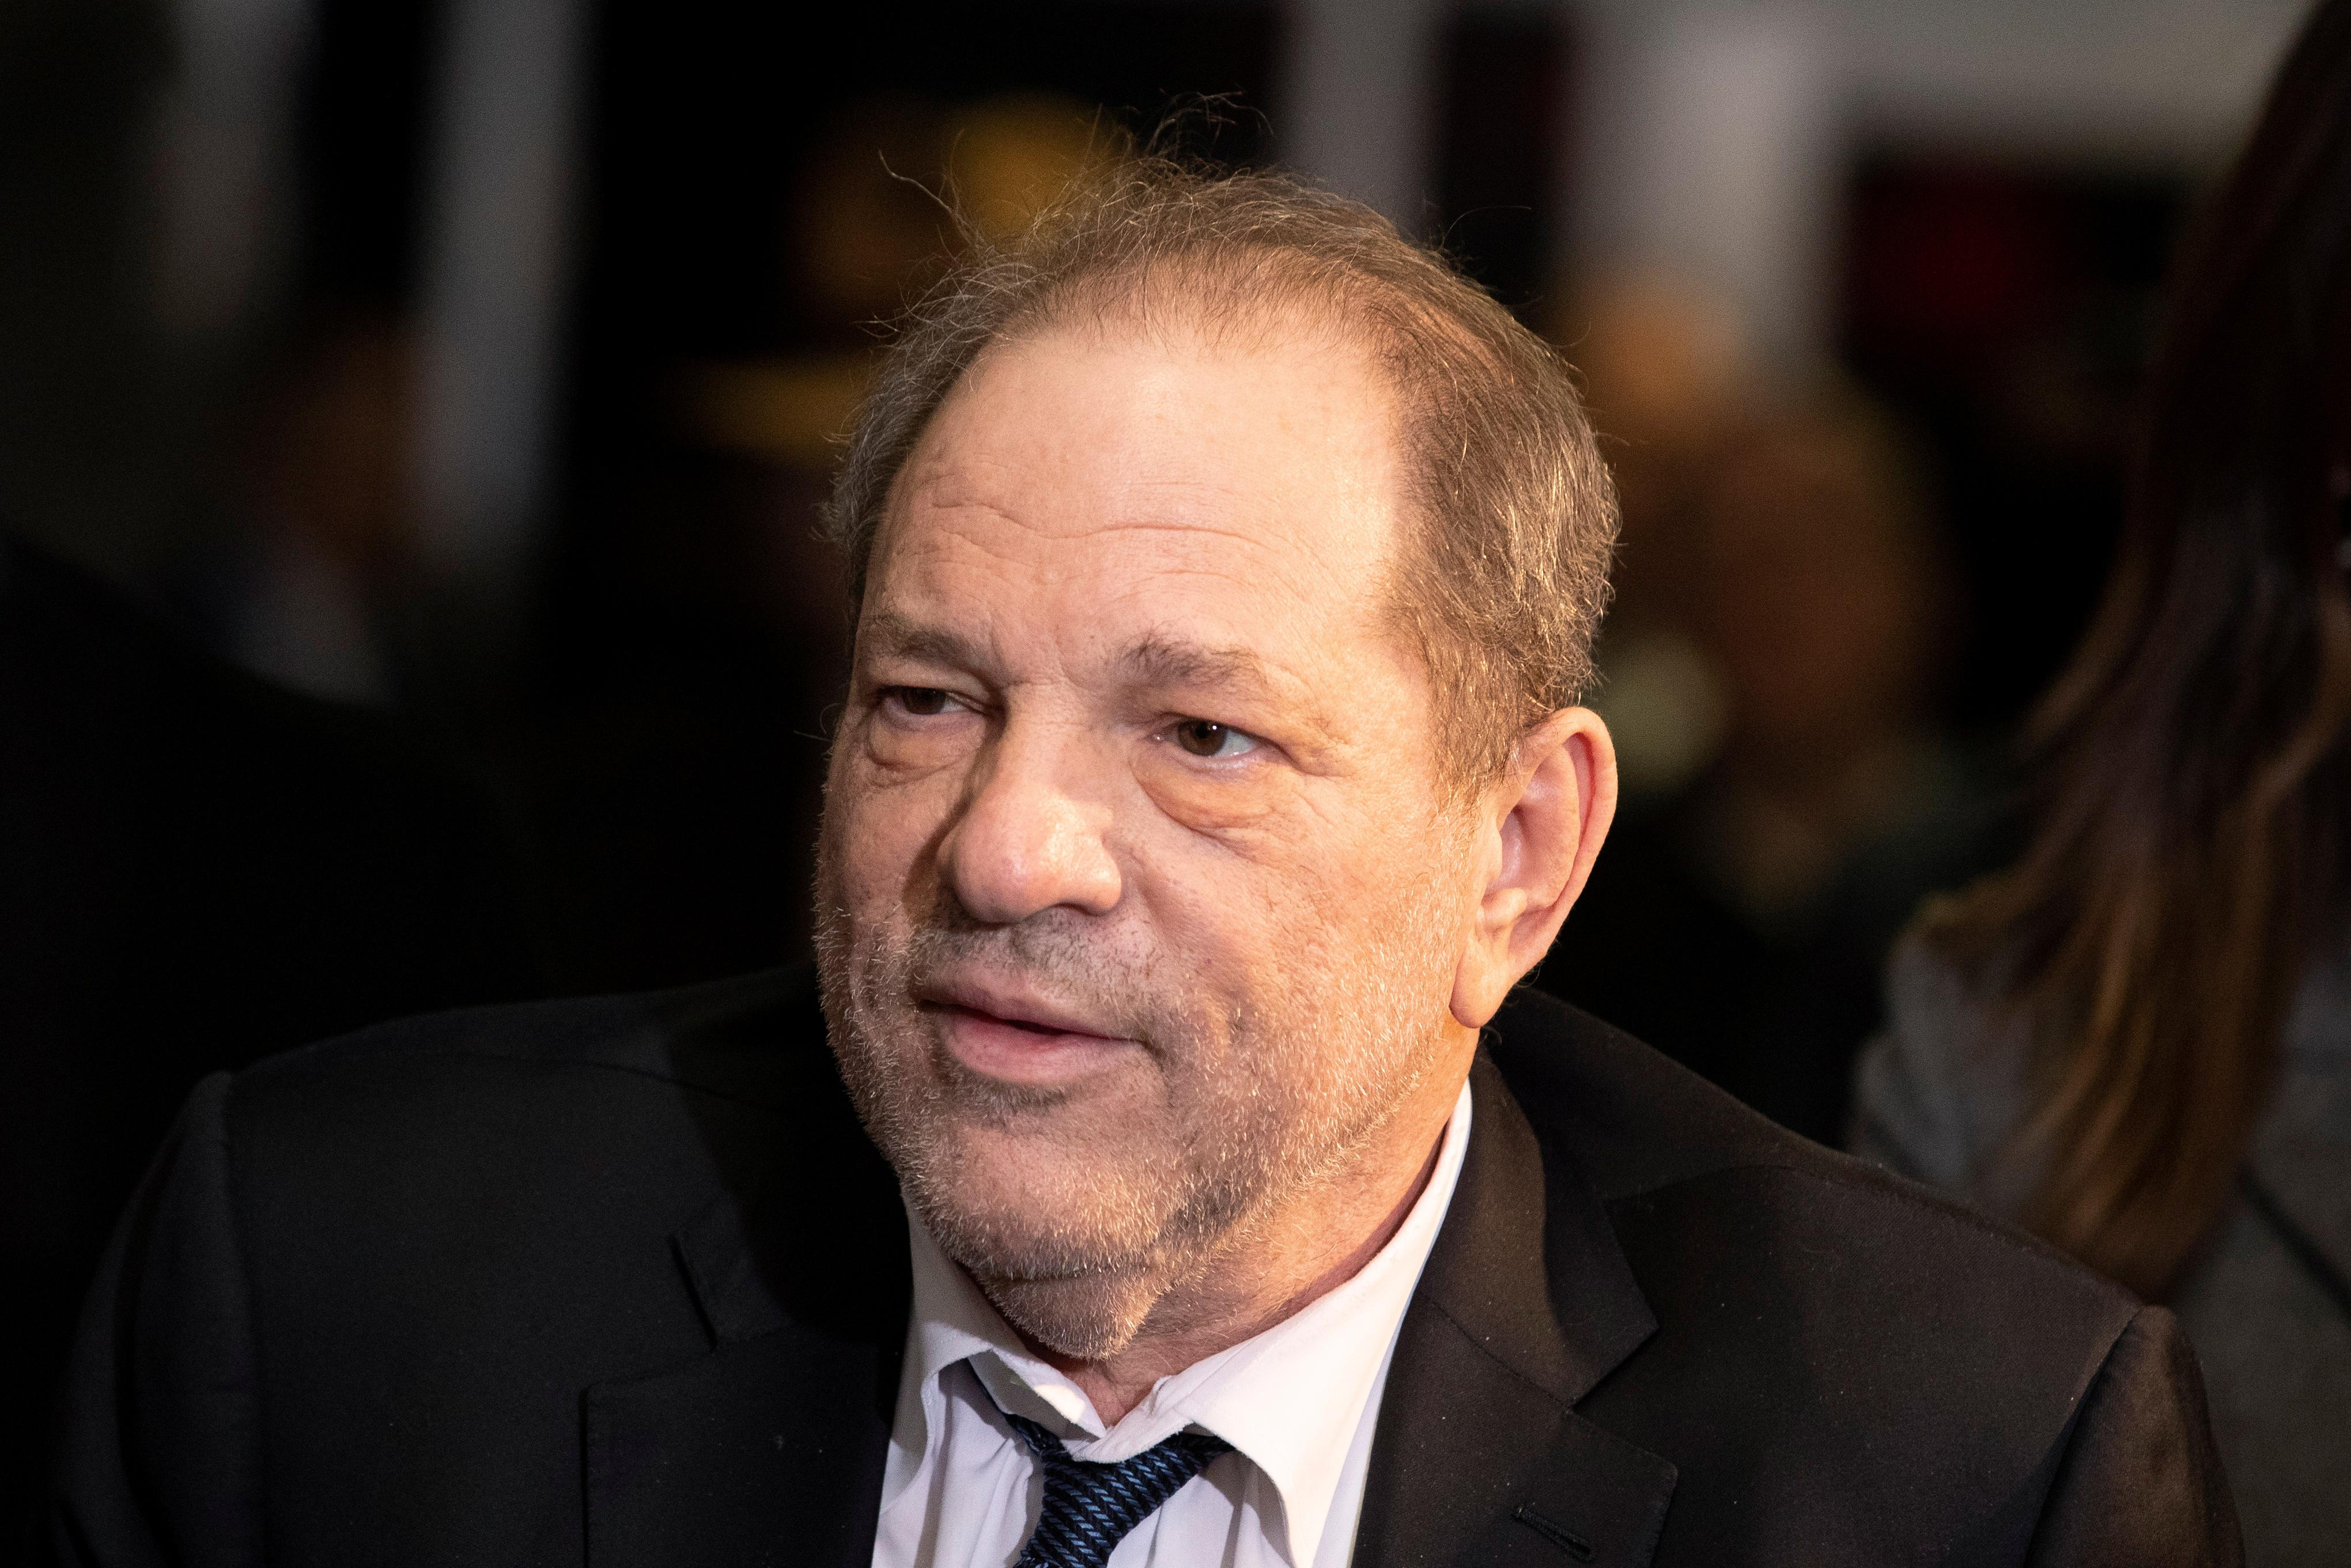 Le jury Weinstein est dans l'impasse sur les accusations d'agression sexuelle les plus graves